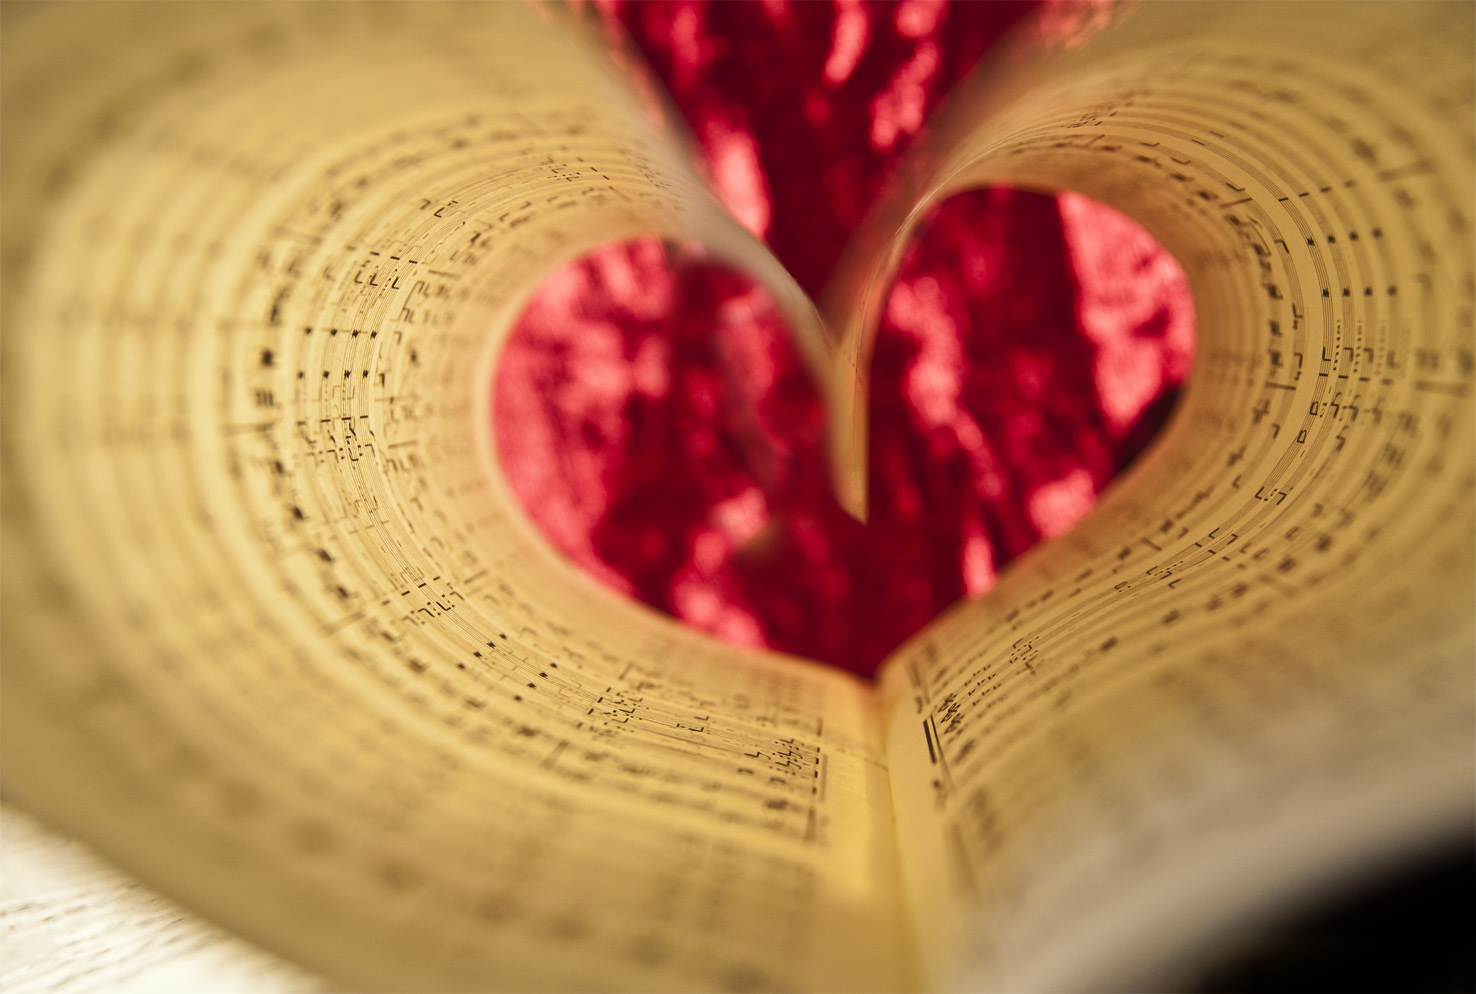 Amour de la musique sol si ré